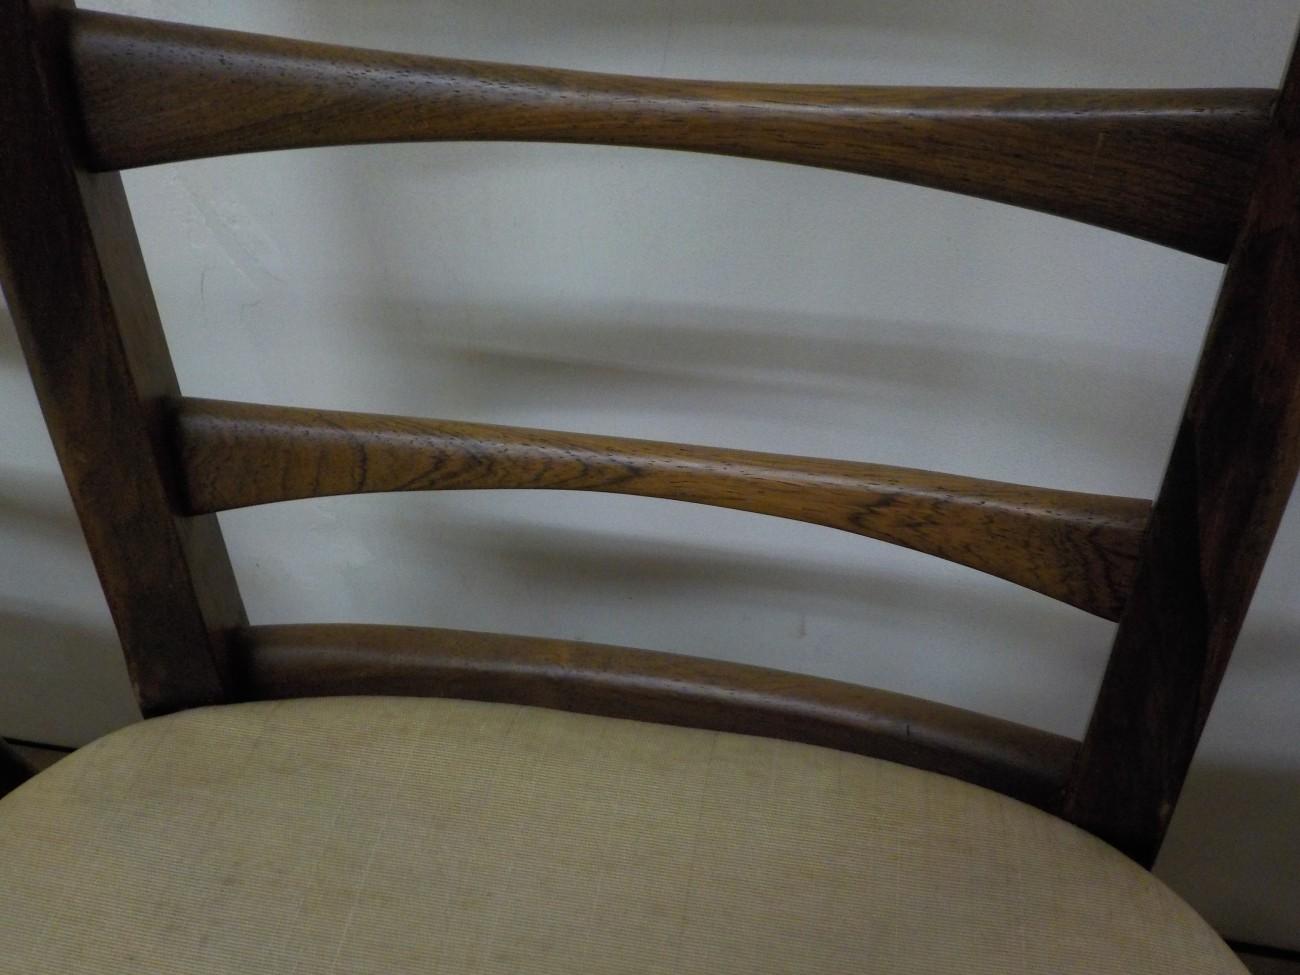 Niels Kofoed Liz Chair / ローズウッド ニールスコフォード / stock2012-36